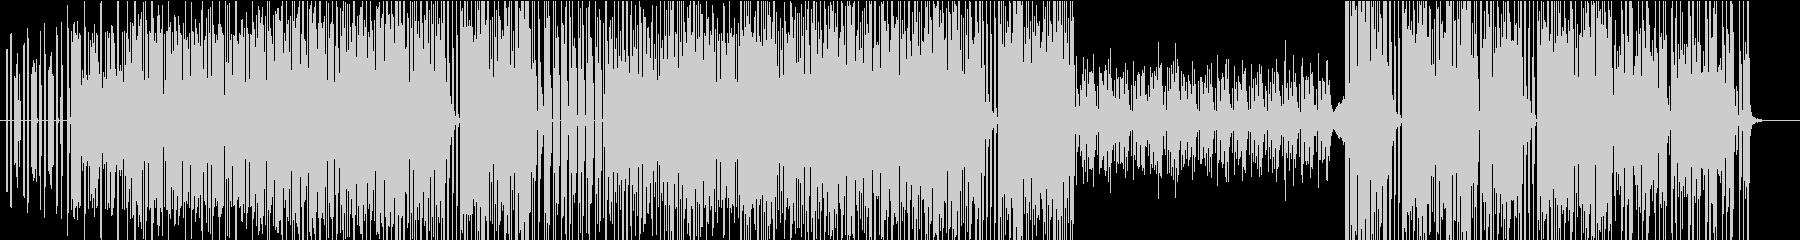 軽快なテクノポップBGMの未再生の波形